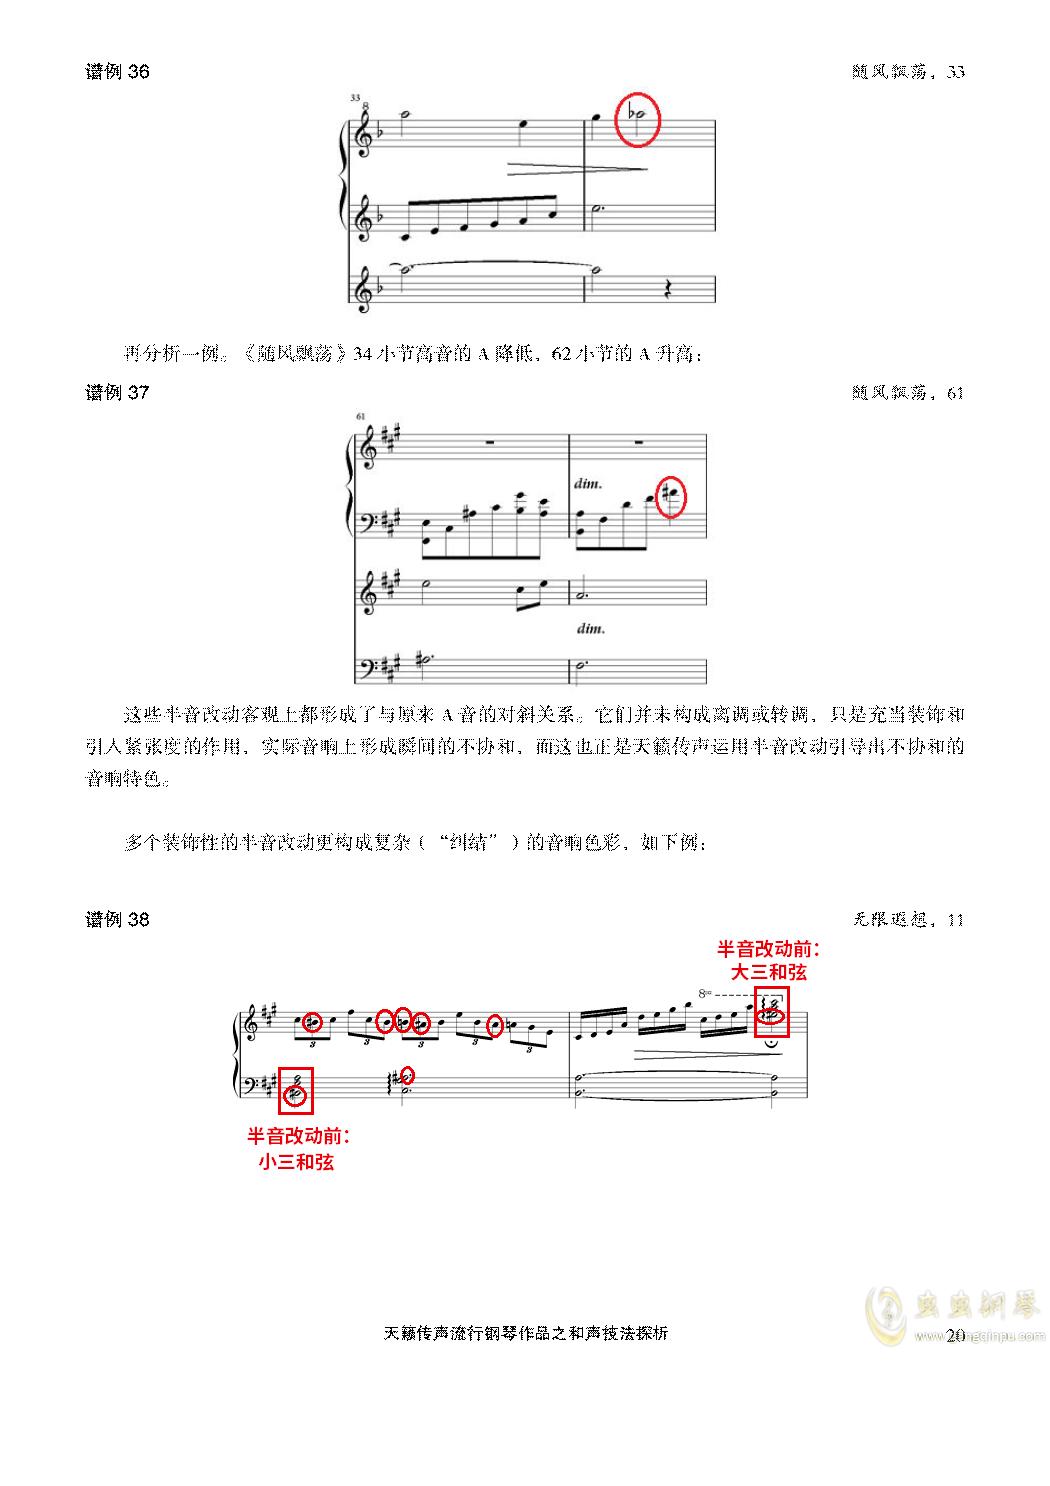 天籁传声和声技法探析钢琴谱 第20页